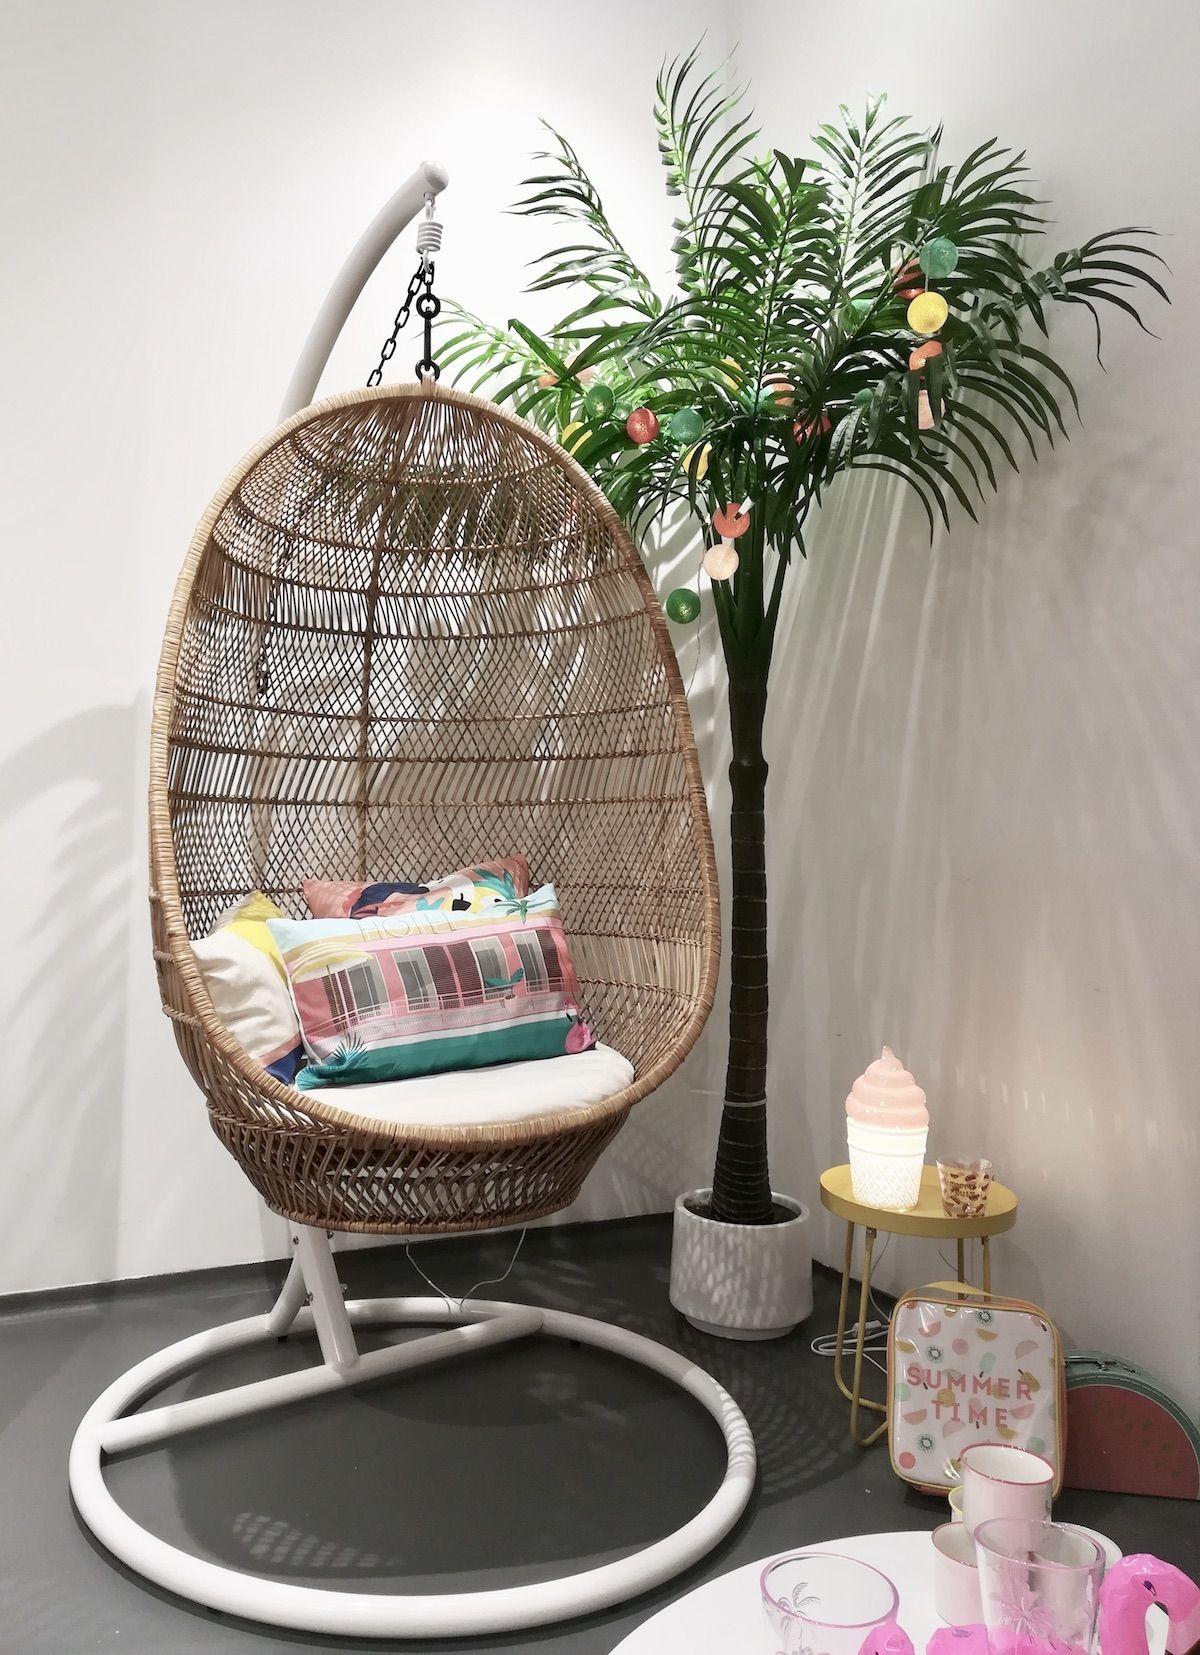 16 fauteuils suspendus - Blog Déco - Clem Around The Corner en